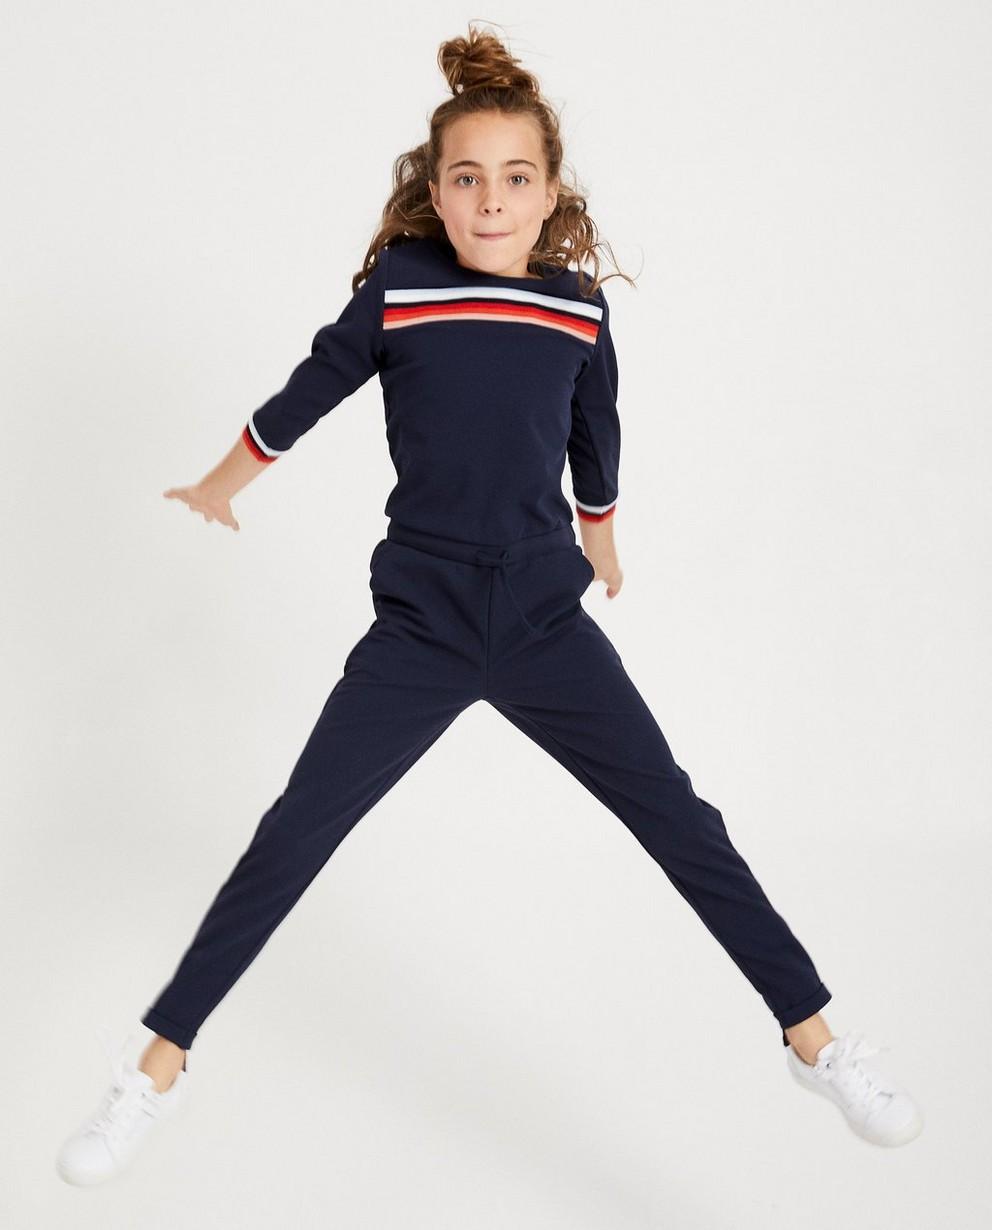 Dunkelblauer Jumpsuit mit Streifen - mit langen Ärmeln - JBC